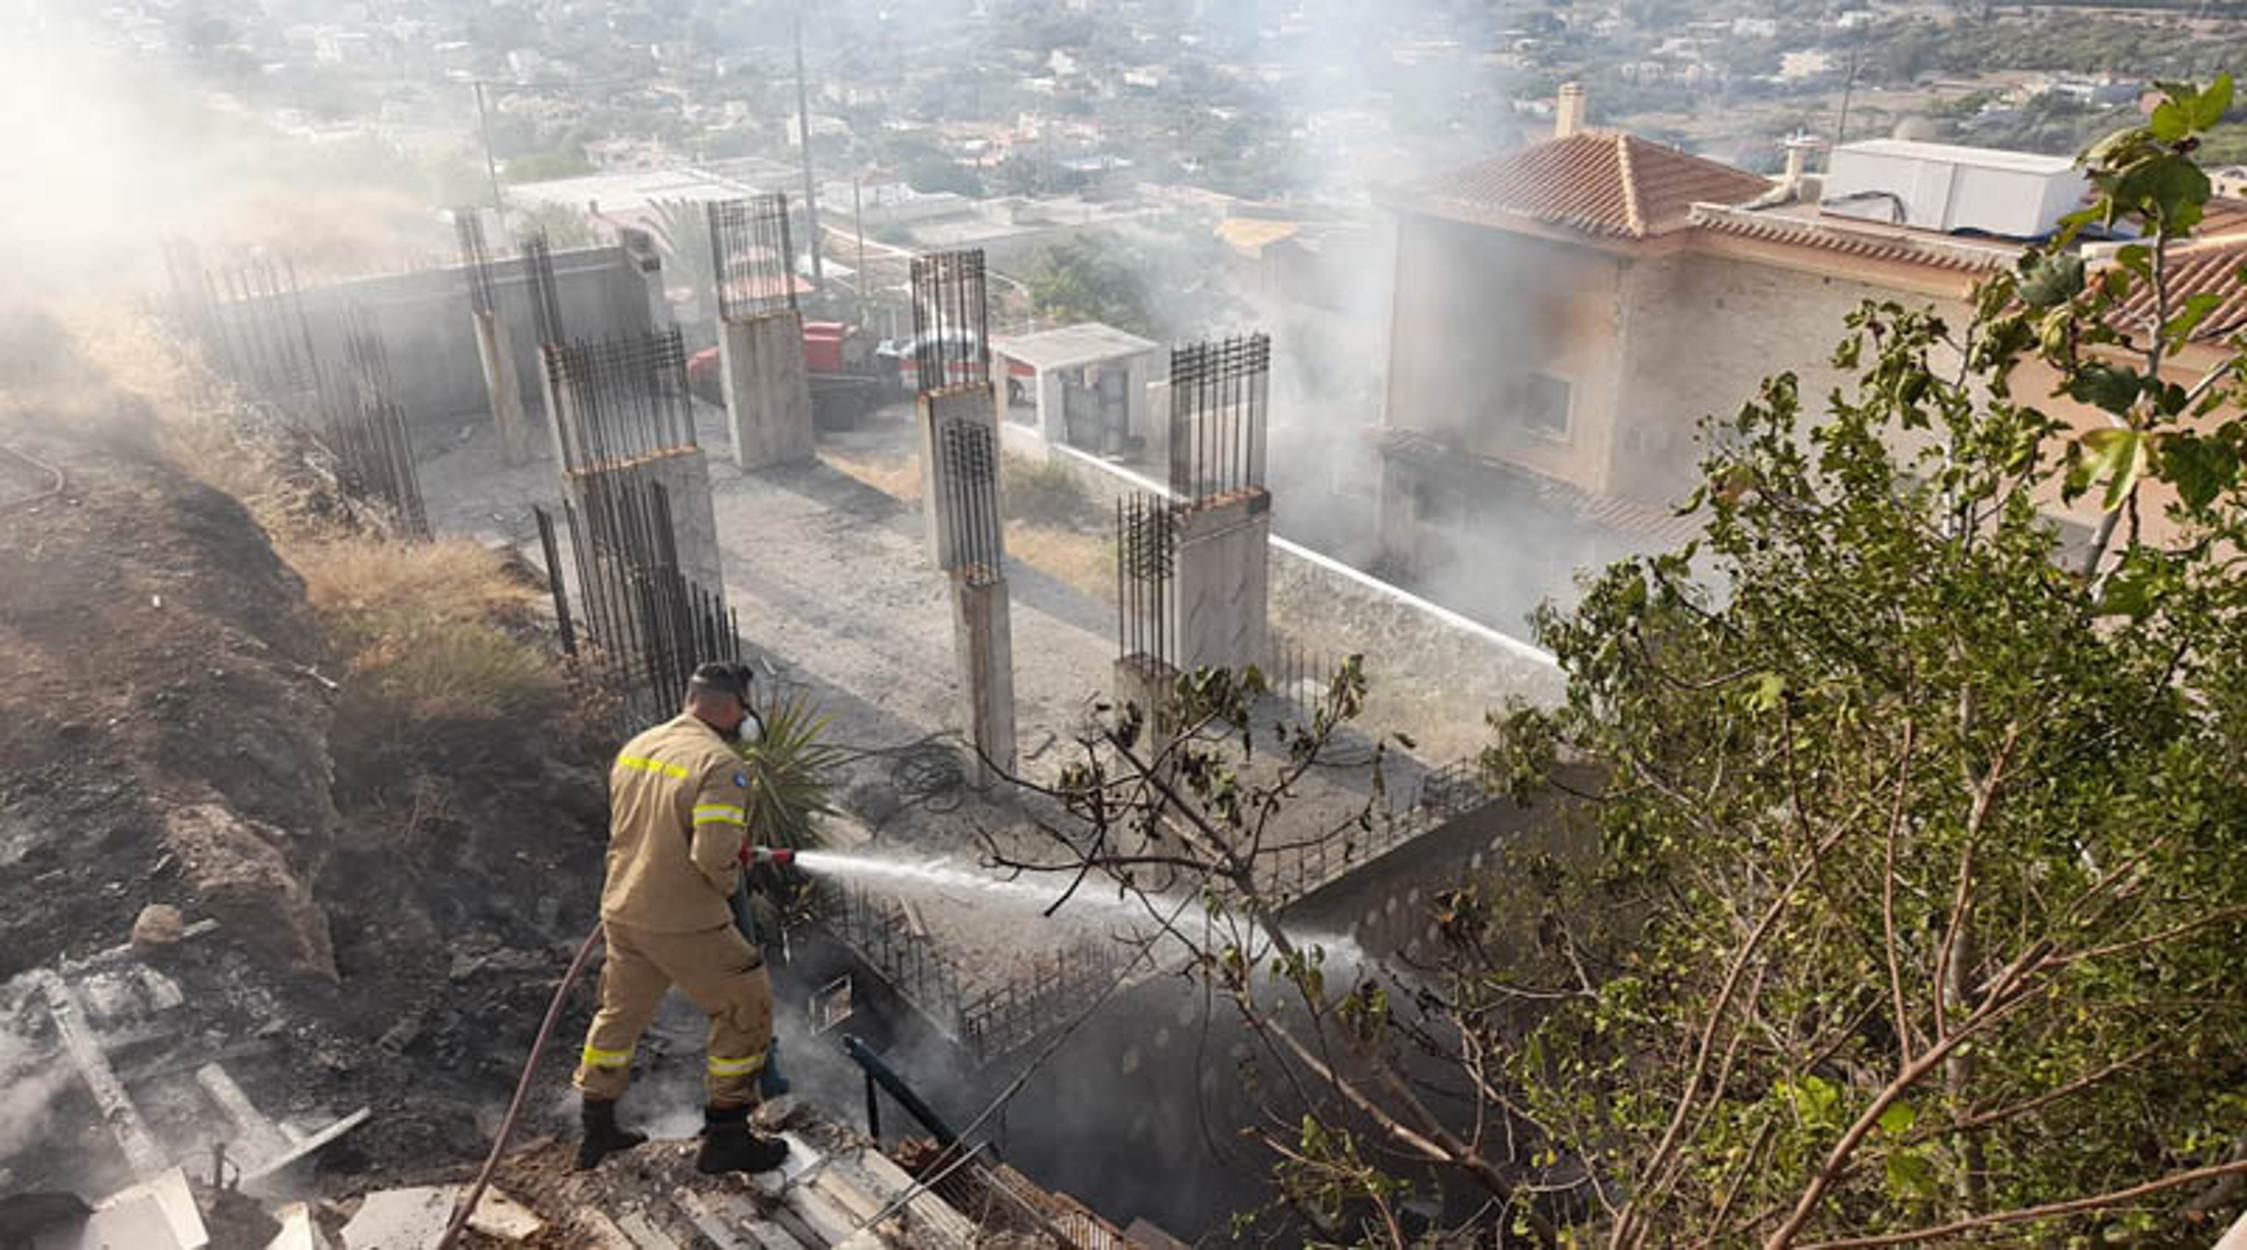 Καλύβια: Επτά οι τραυματίες από την έκρηξη σε σπίτι – Οι δύο σε σοβαρή κατάσταση